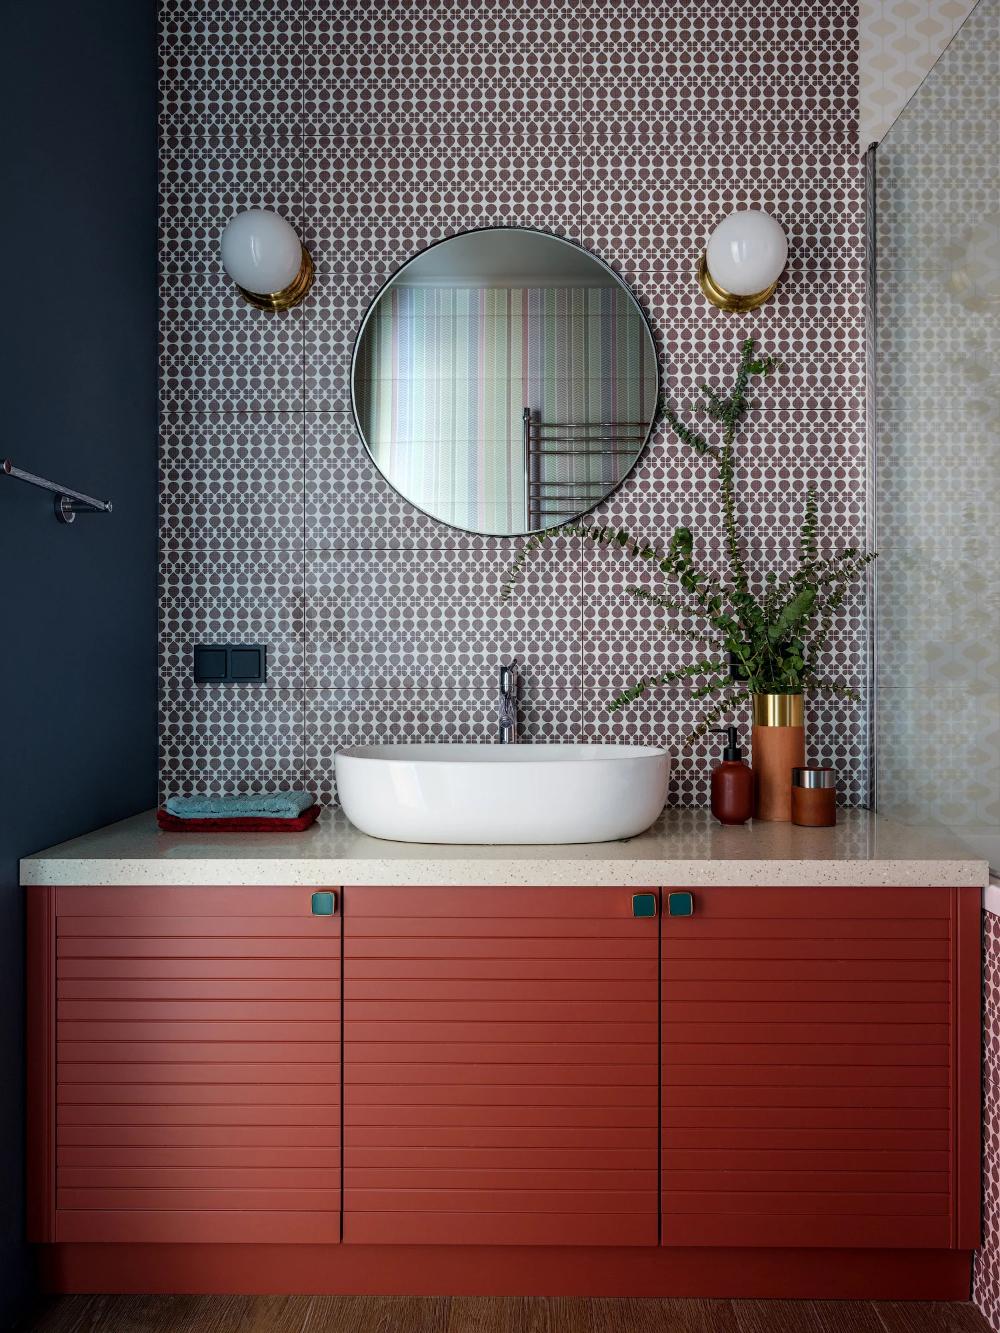 Красная ванная комната — фото лучших идей оформления яркого интерьера в ванной